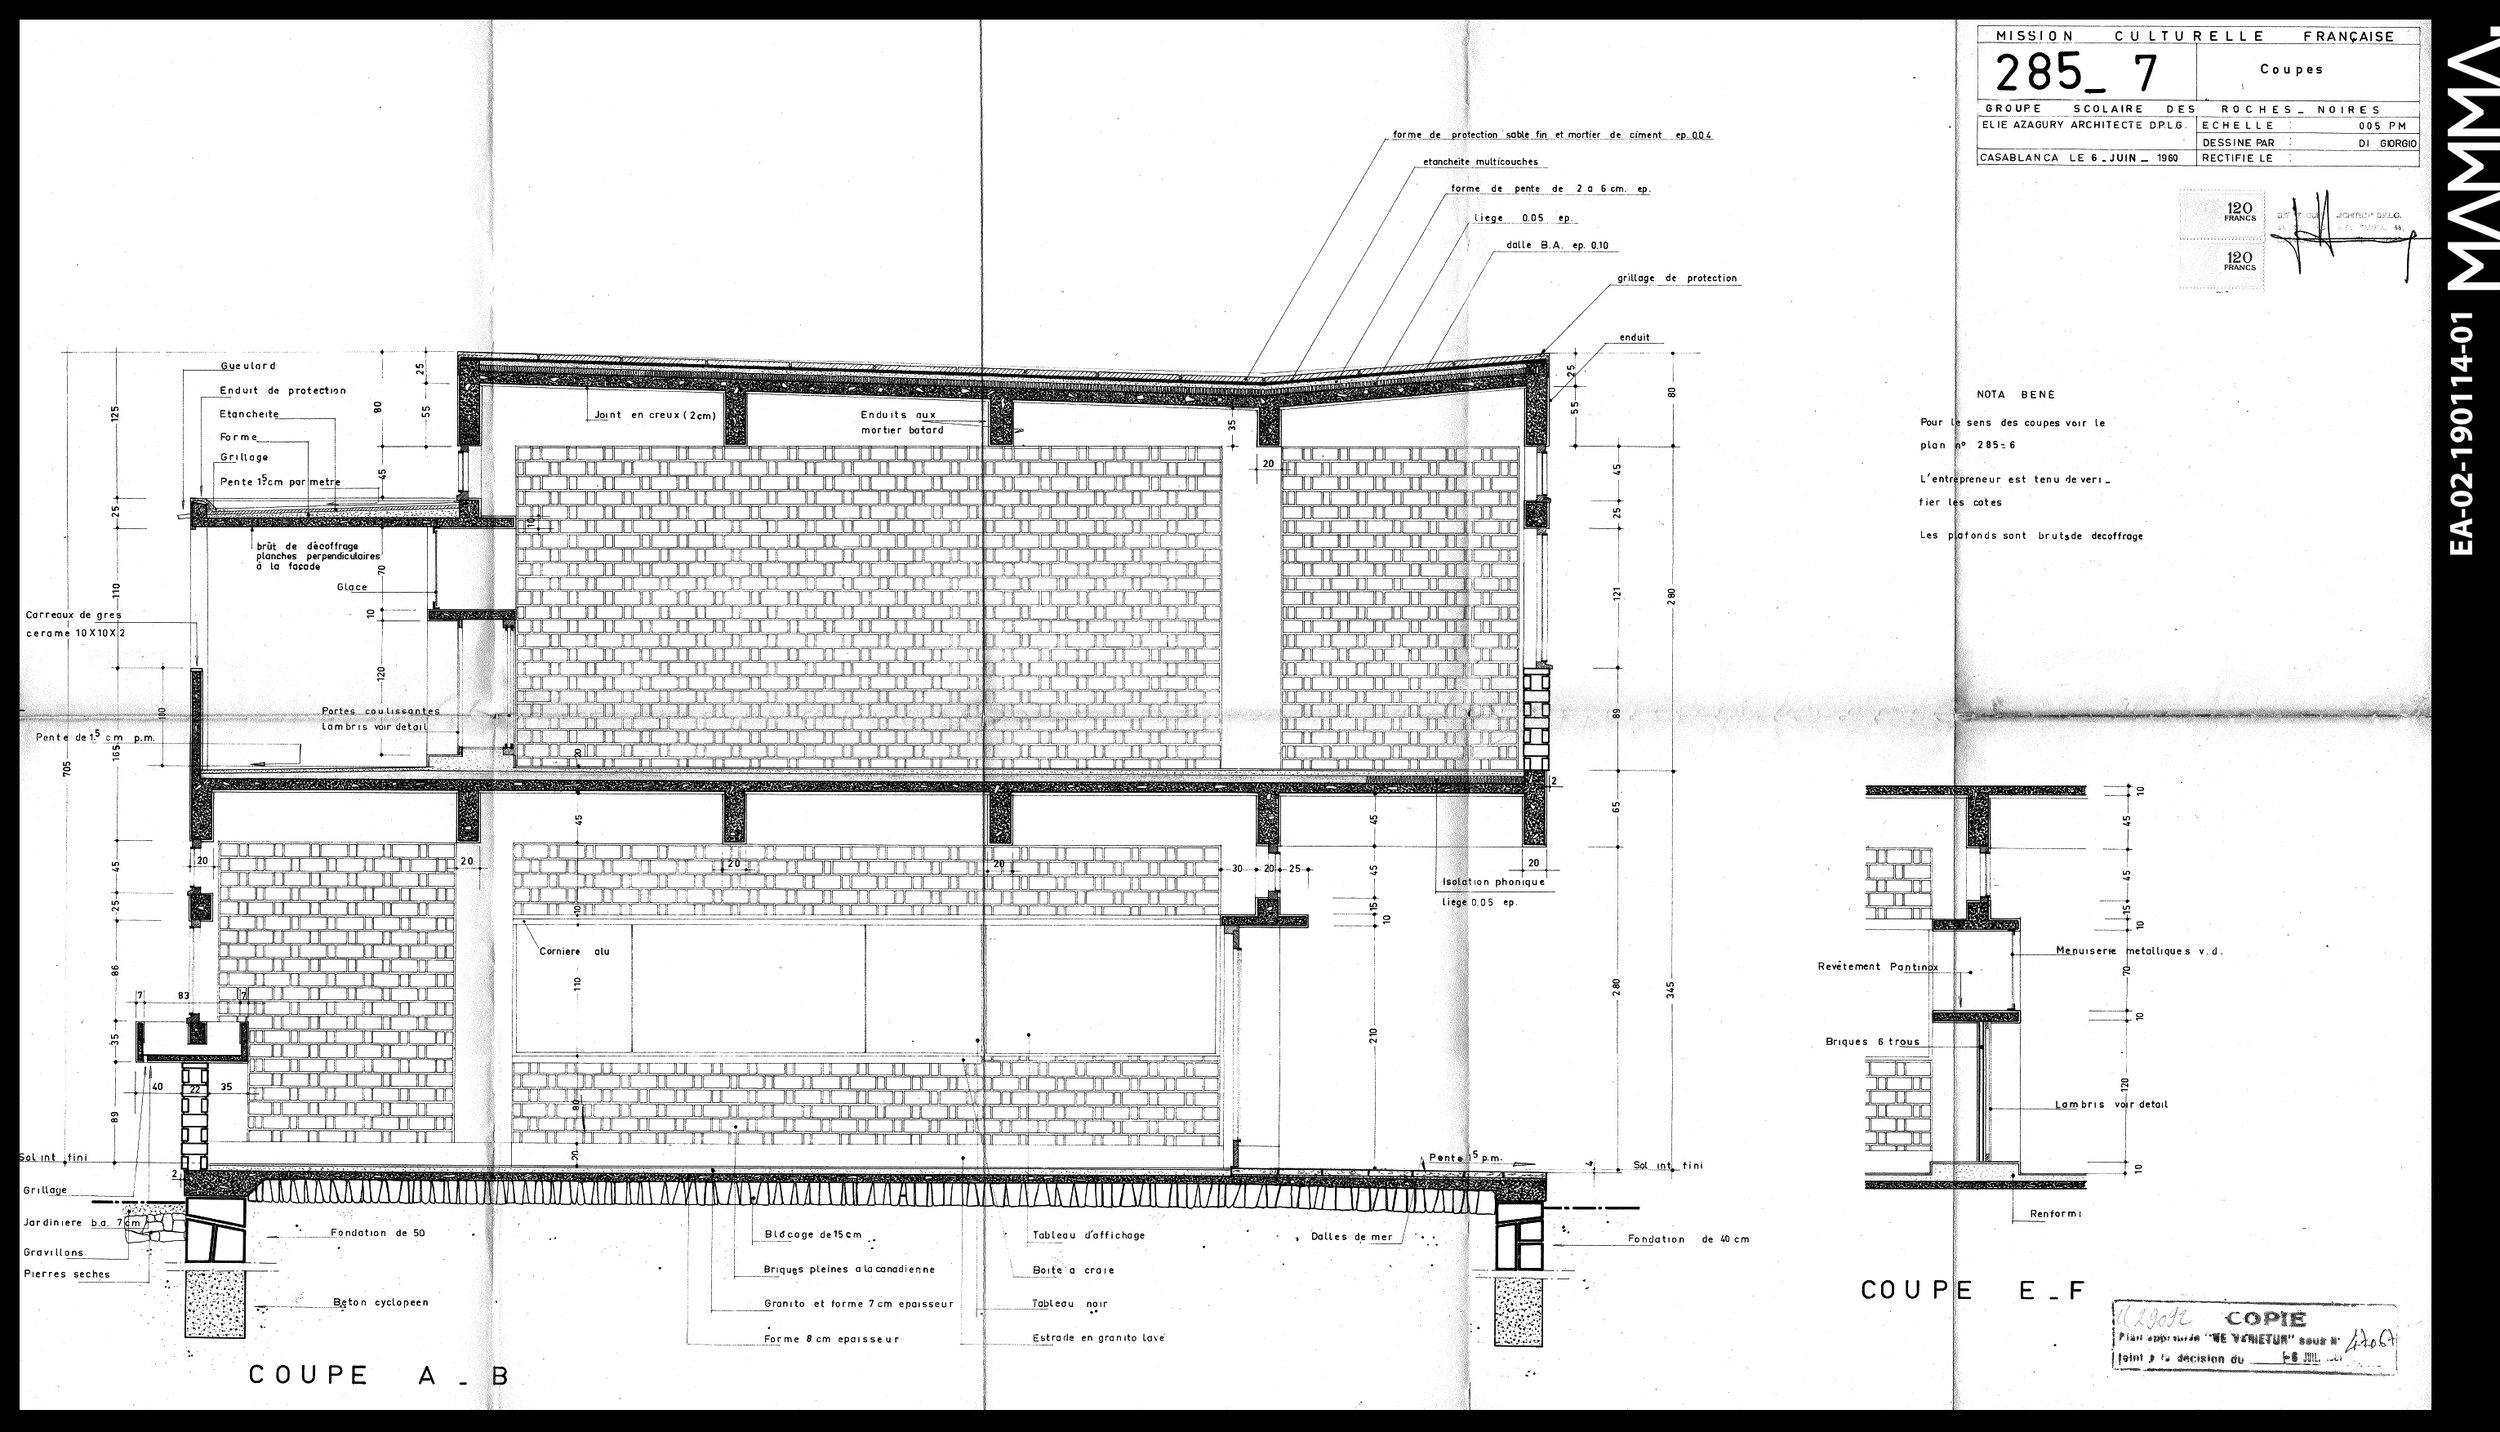 1960-Groupe Scolaire Roches Noires   Agence: Elie Azagury  Contenu: Coupe  Dimensions: 104,9 x 61,7cm      © MAMMAARCHIVE   Réf: MAMMA-EA-02-190114-01